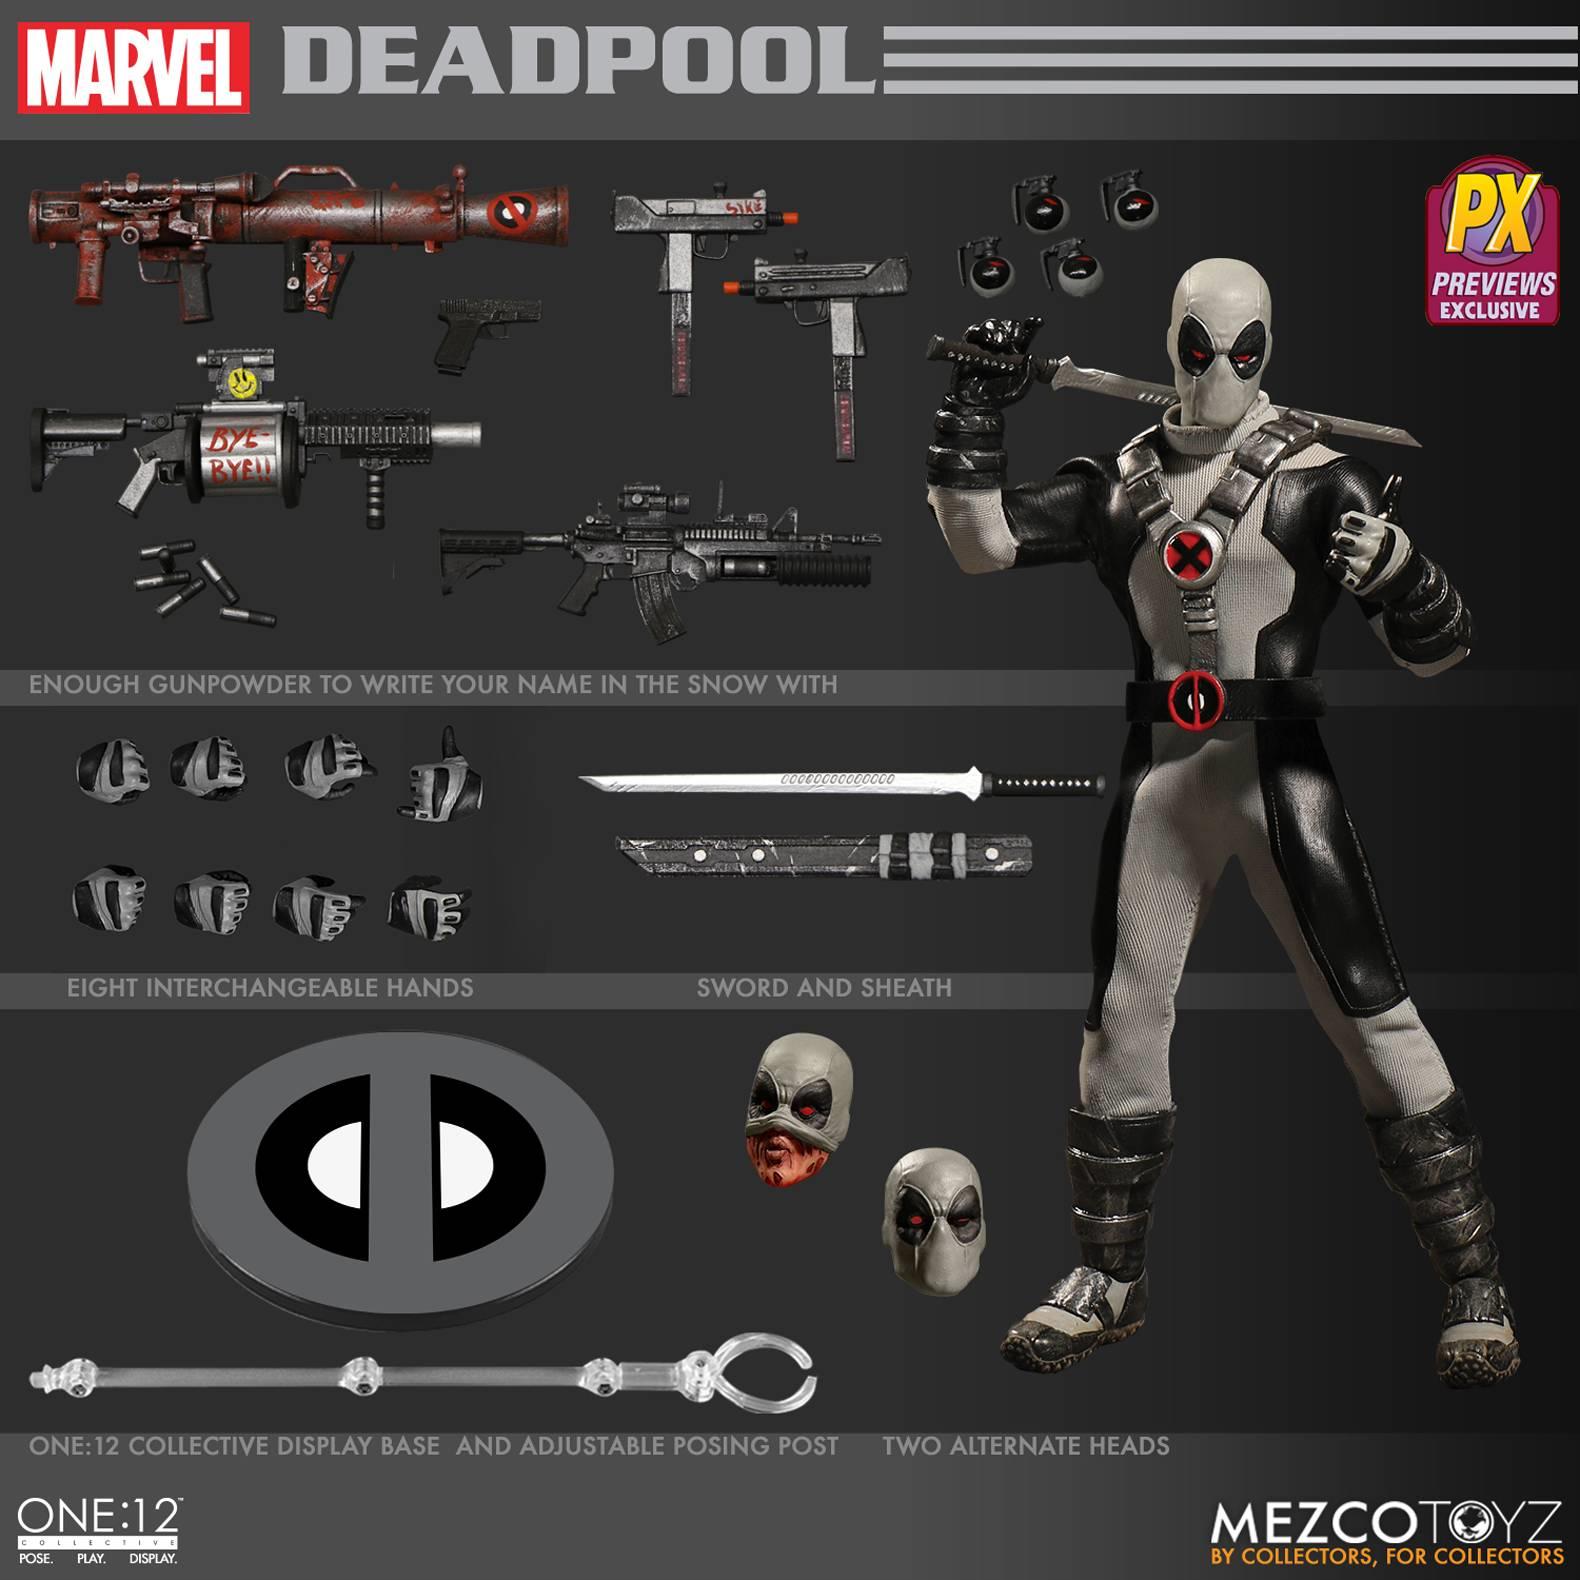 MEZCO  ONE-12 Collectif X-Force Deadpool PX Exclusive Action Figure  10 jours de retour